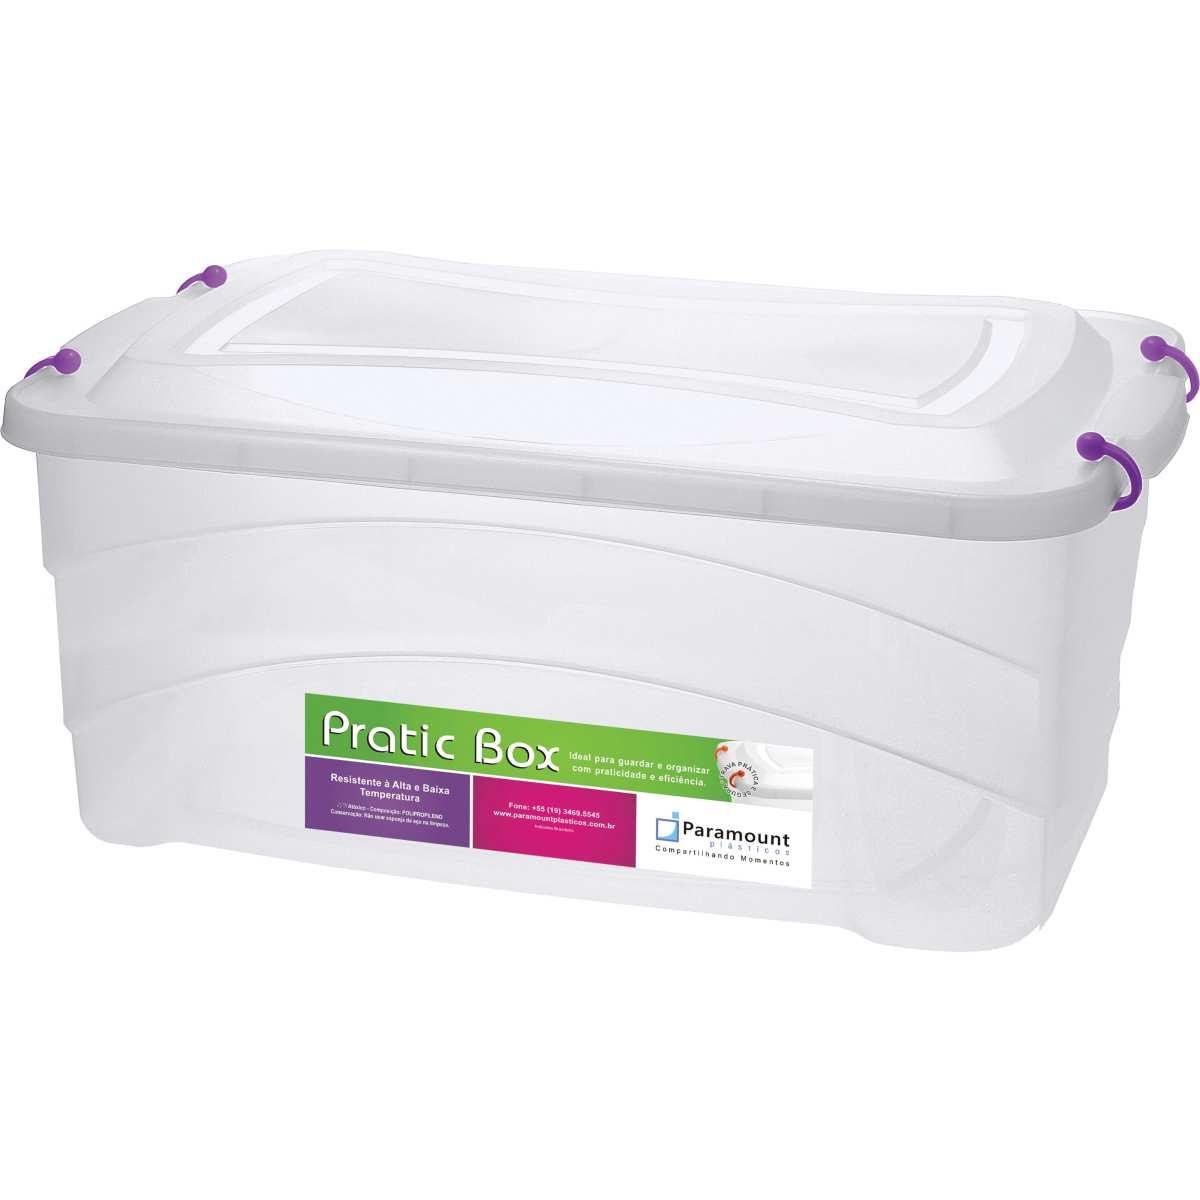 CAIXA PLASTICA MULTIUSO PRATIC BOX 50L 59X38X34CM